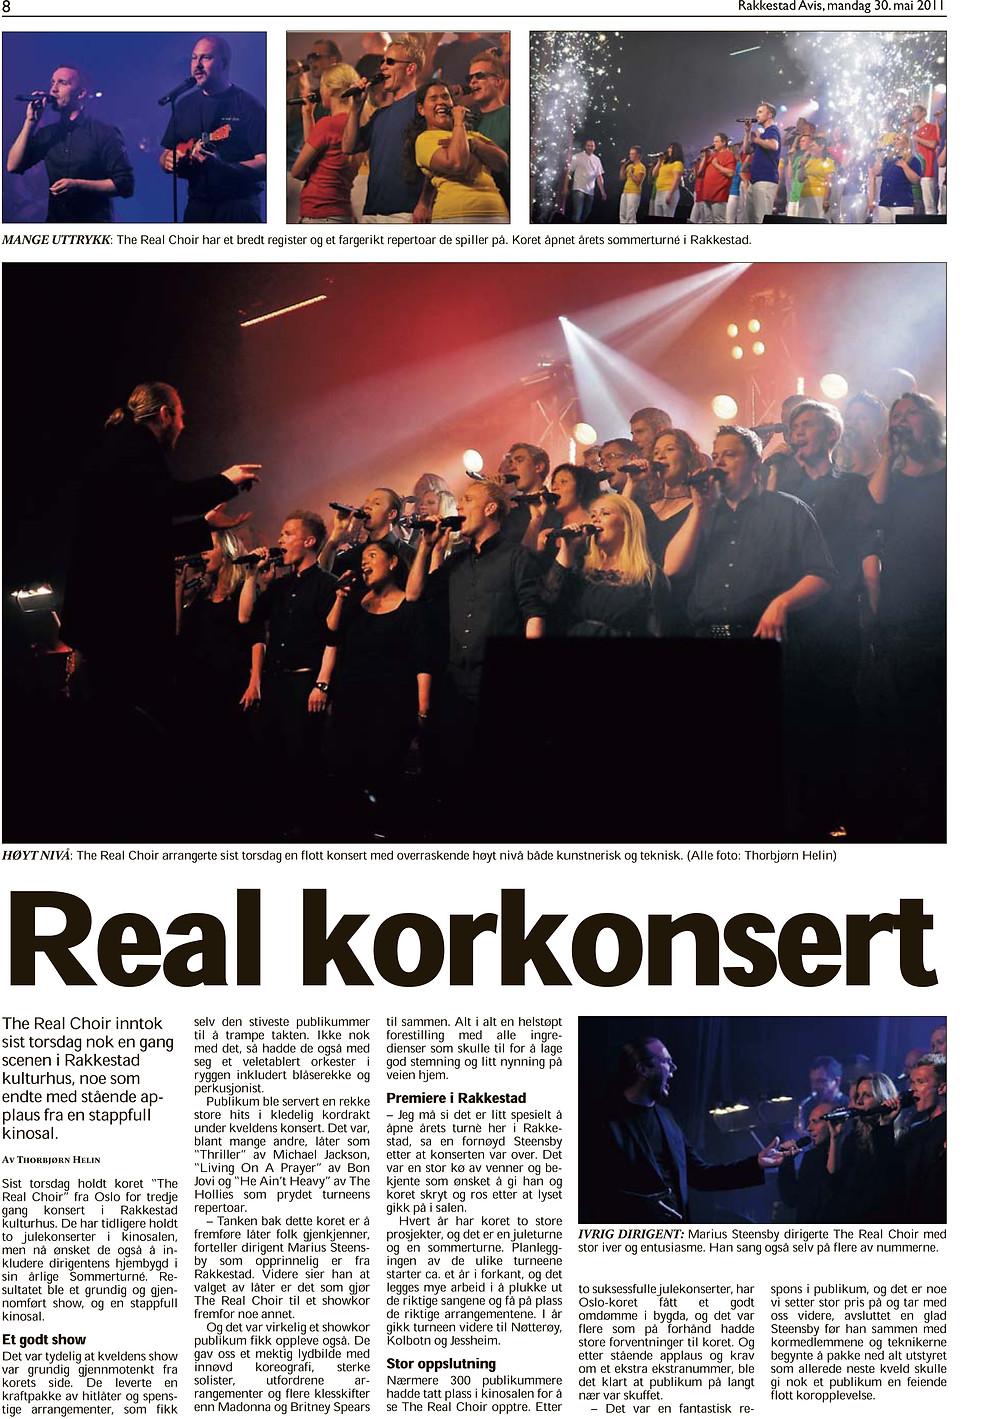 2 Artikkel fra konsert i Rakkestad